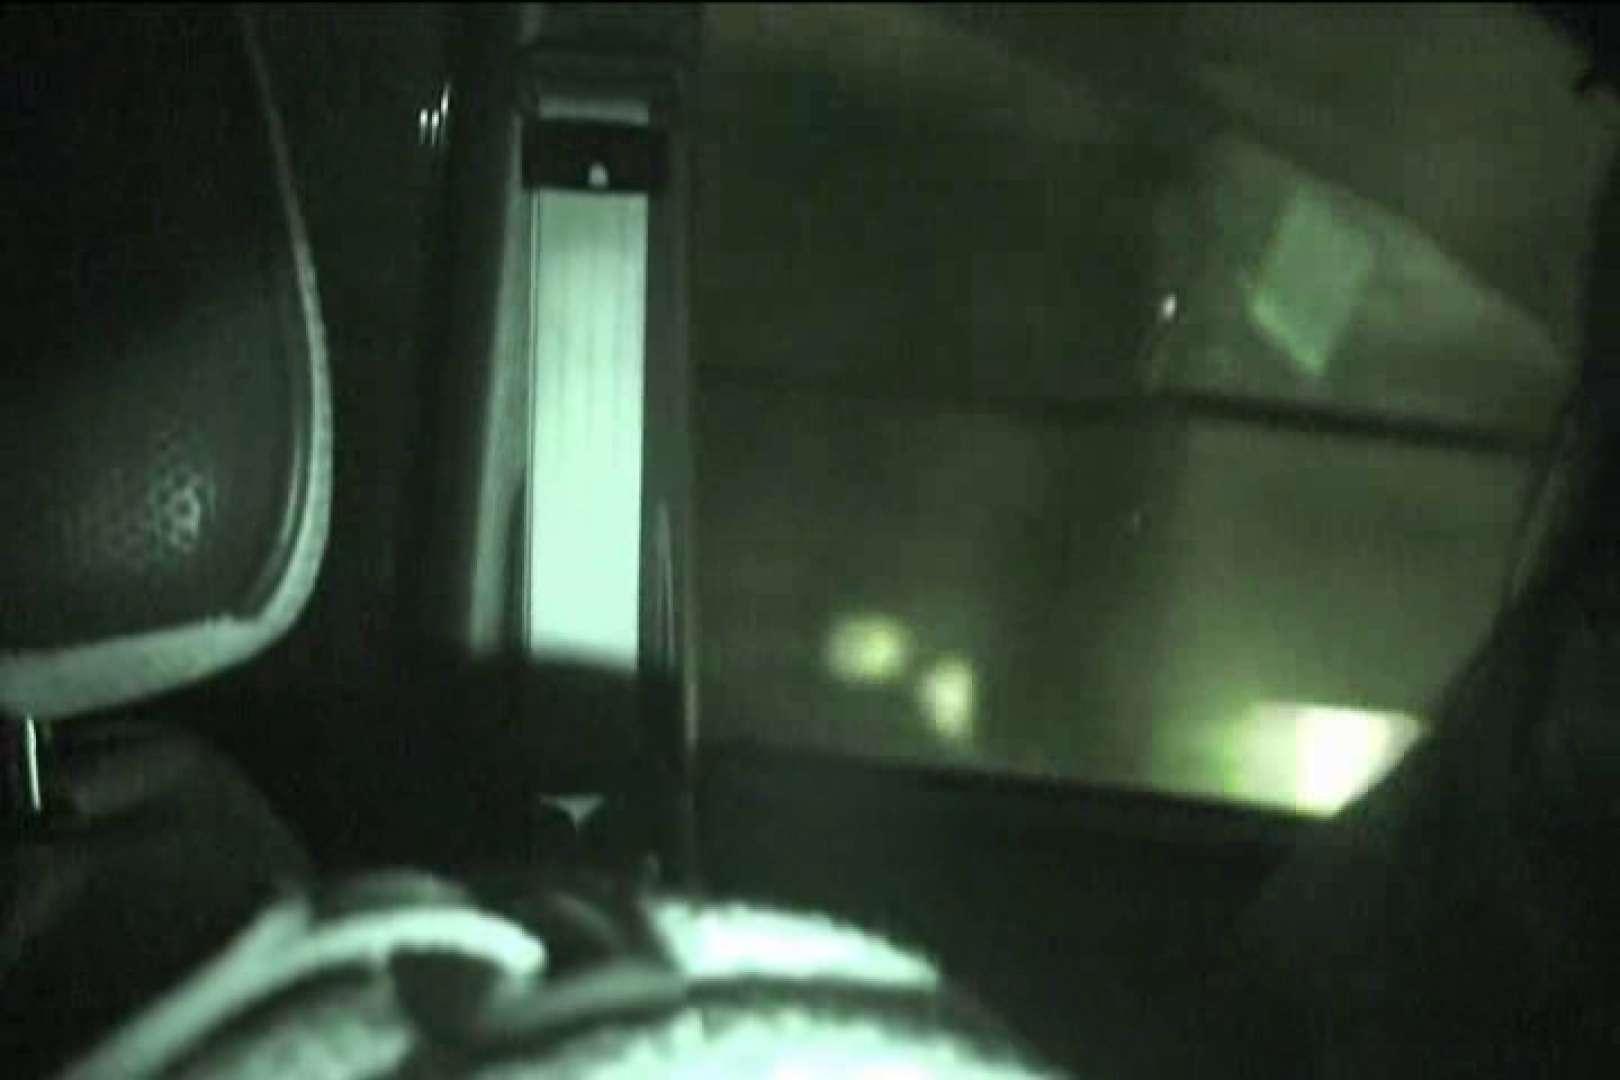 車内で初めまして! vol03 綺麗なOLたち われめAV動画紹介 94枚 20